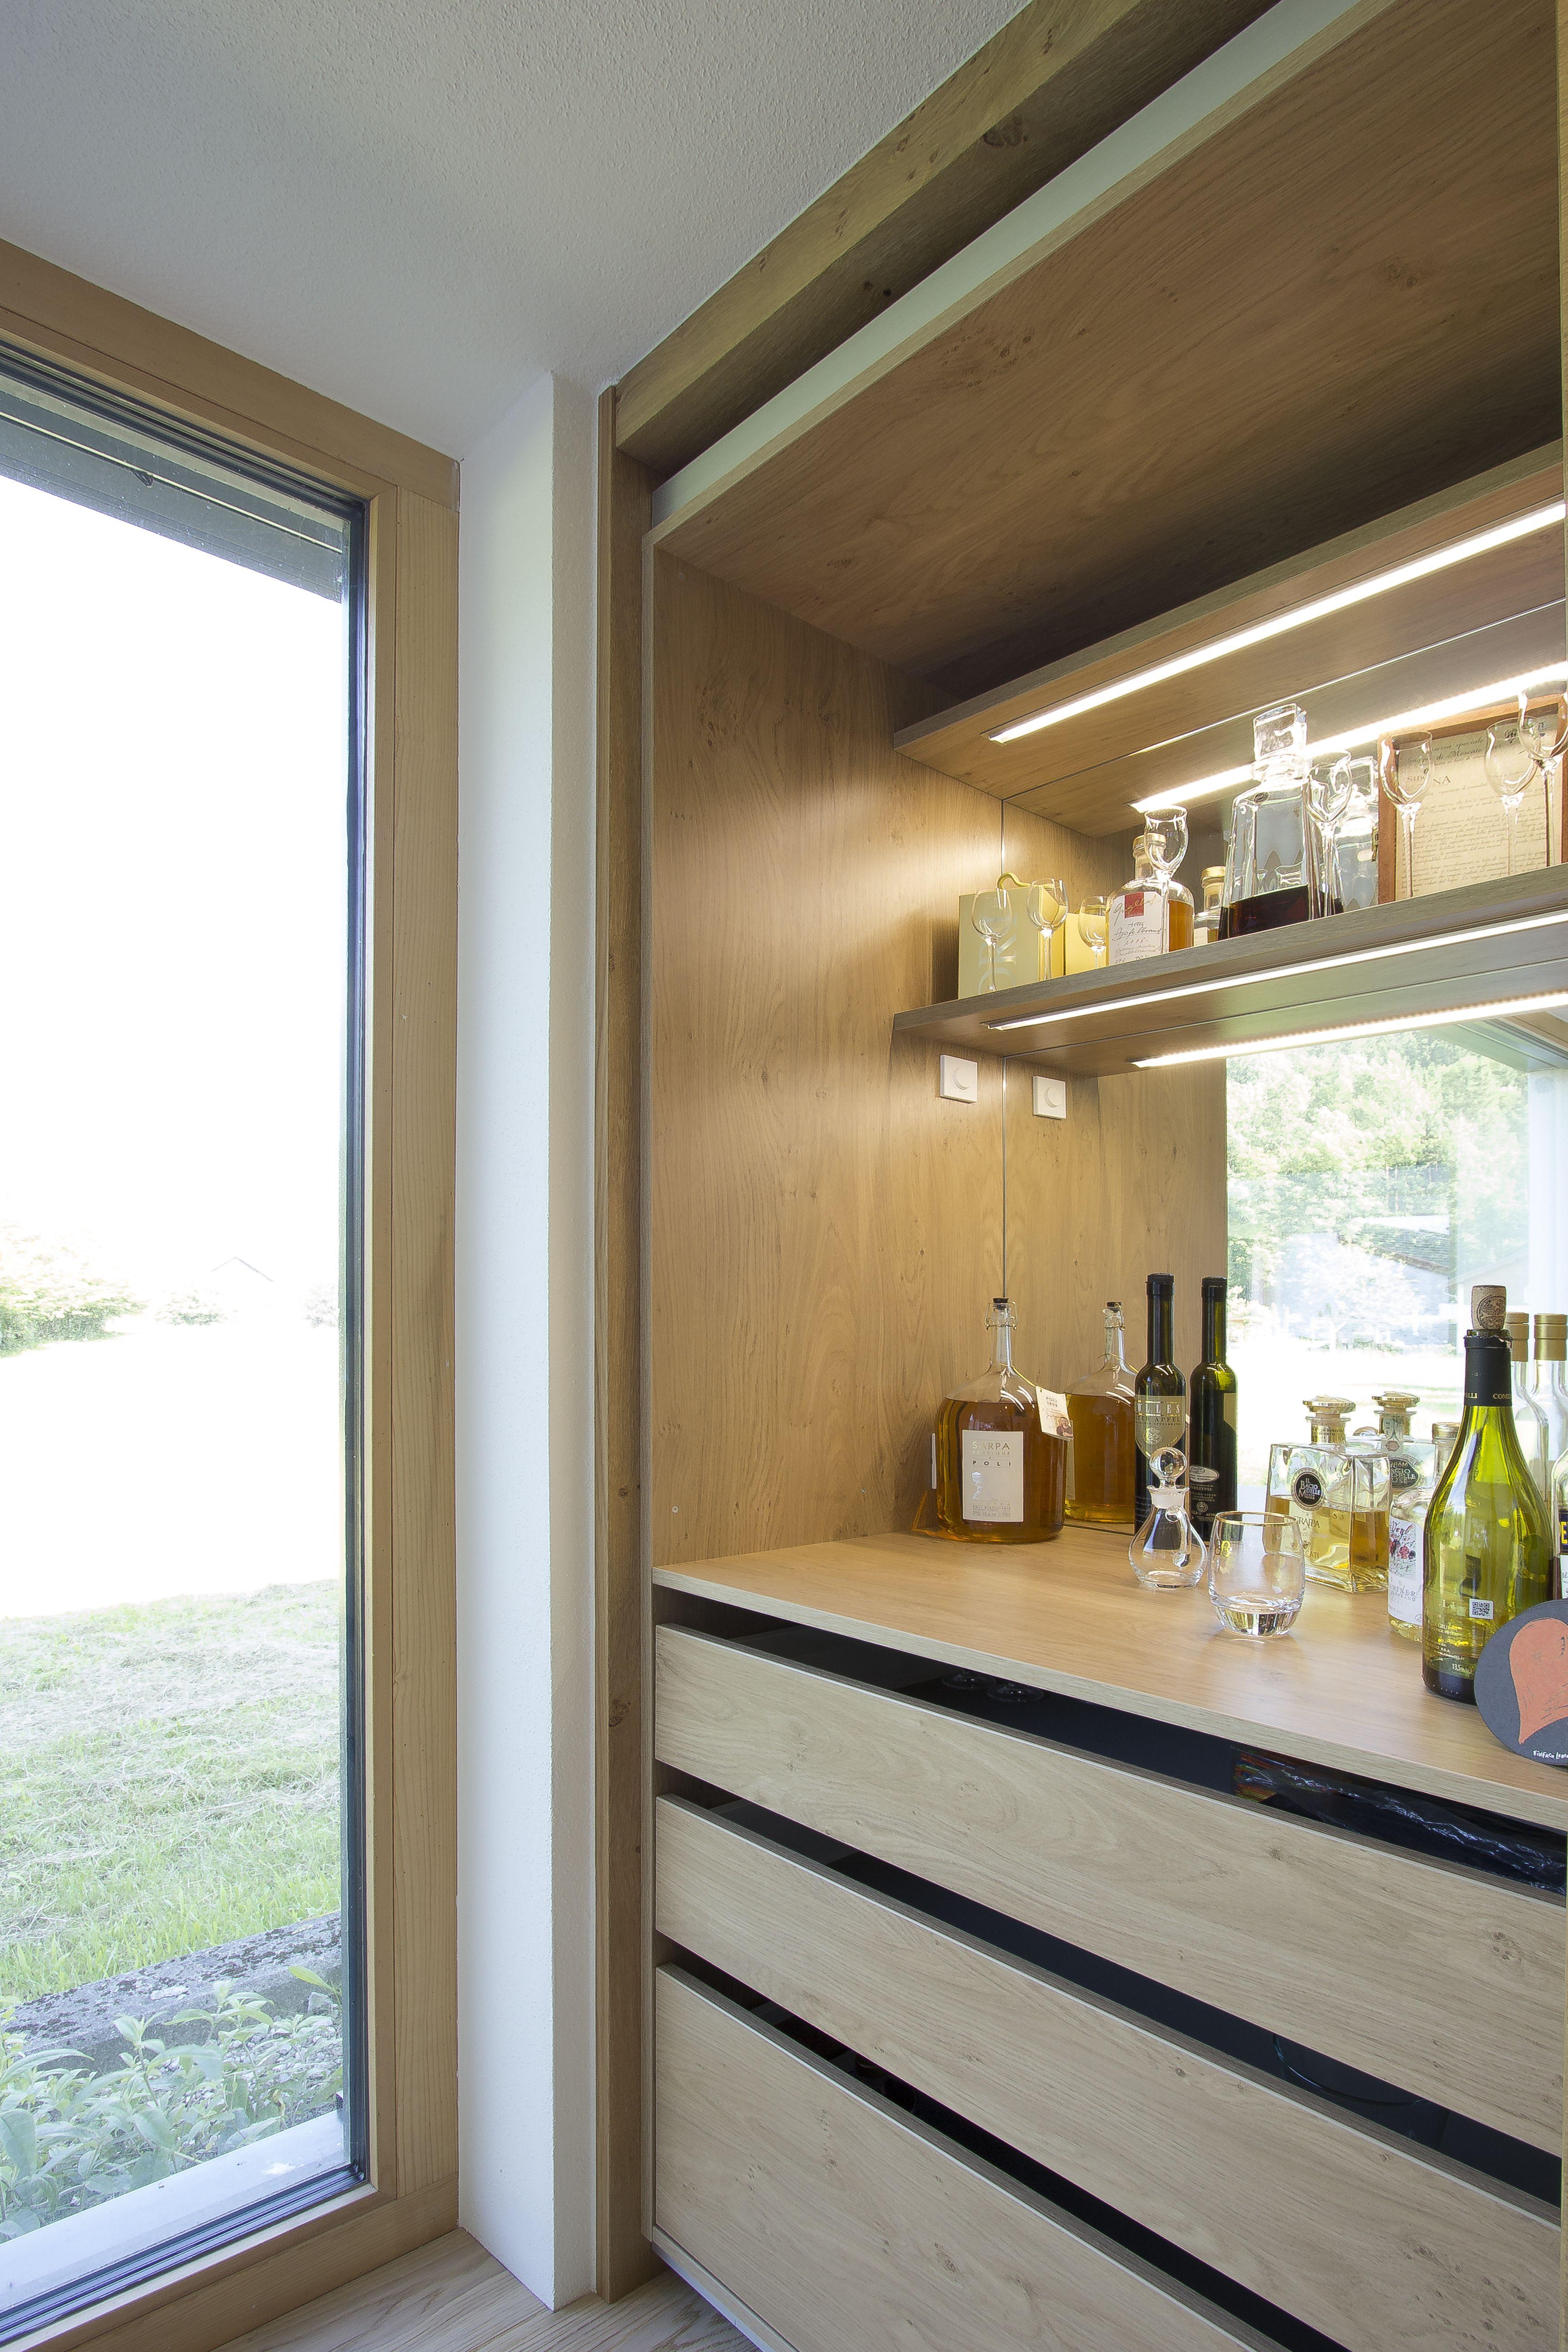 Integrierte Bar In Der Kuche Eingefraste Led Beleuchtung Gefertigt In Unserer Tischlerei Kuche Planen Wohnen Tischlerei